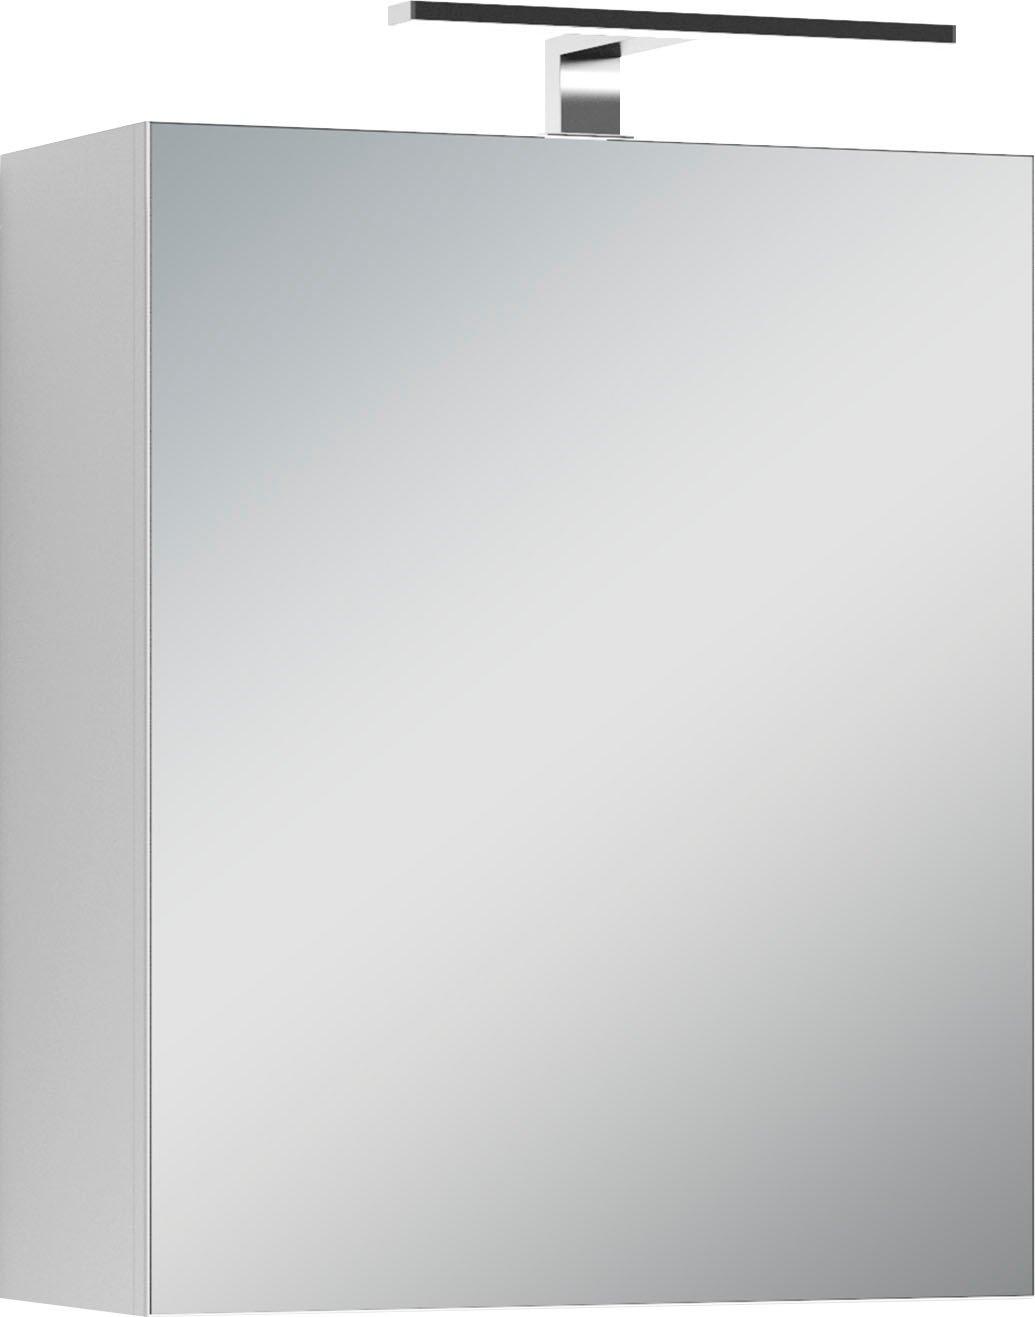 Homexperts spiegelkast Salsa Breedte 50 cm, met ledverlichting & schakelaar-/stekkerdoos nu online kopen bij OTTO